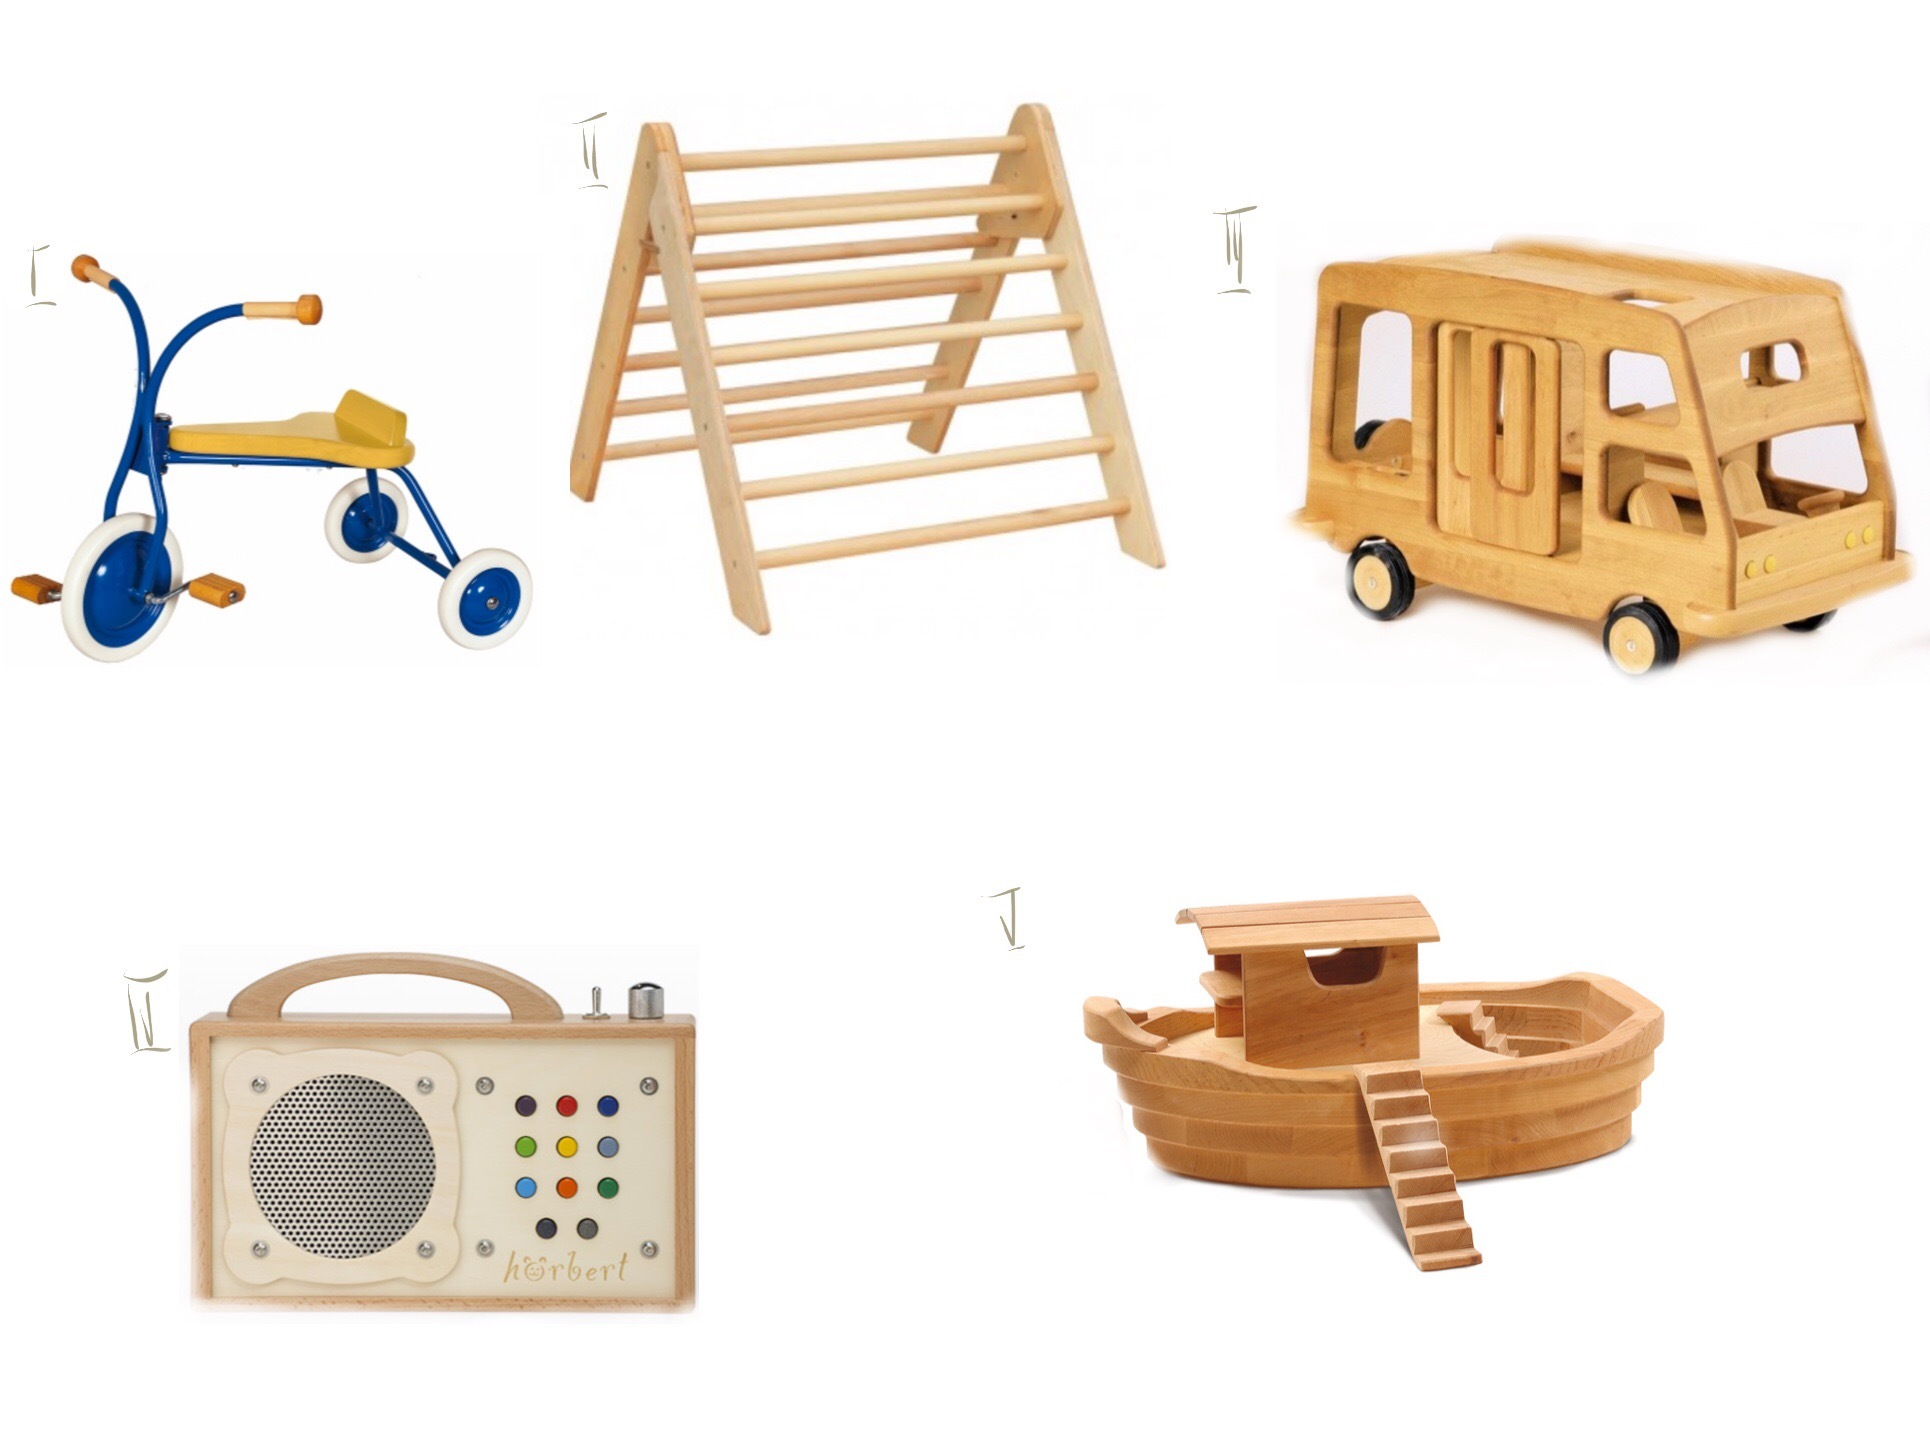 Nachhaltig wertvoll schön ! Die Ideen findet ihr auf www.elfenkindberlin.de